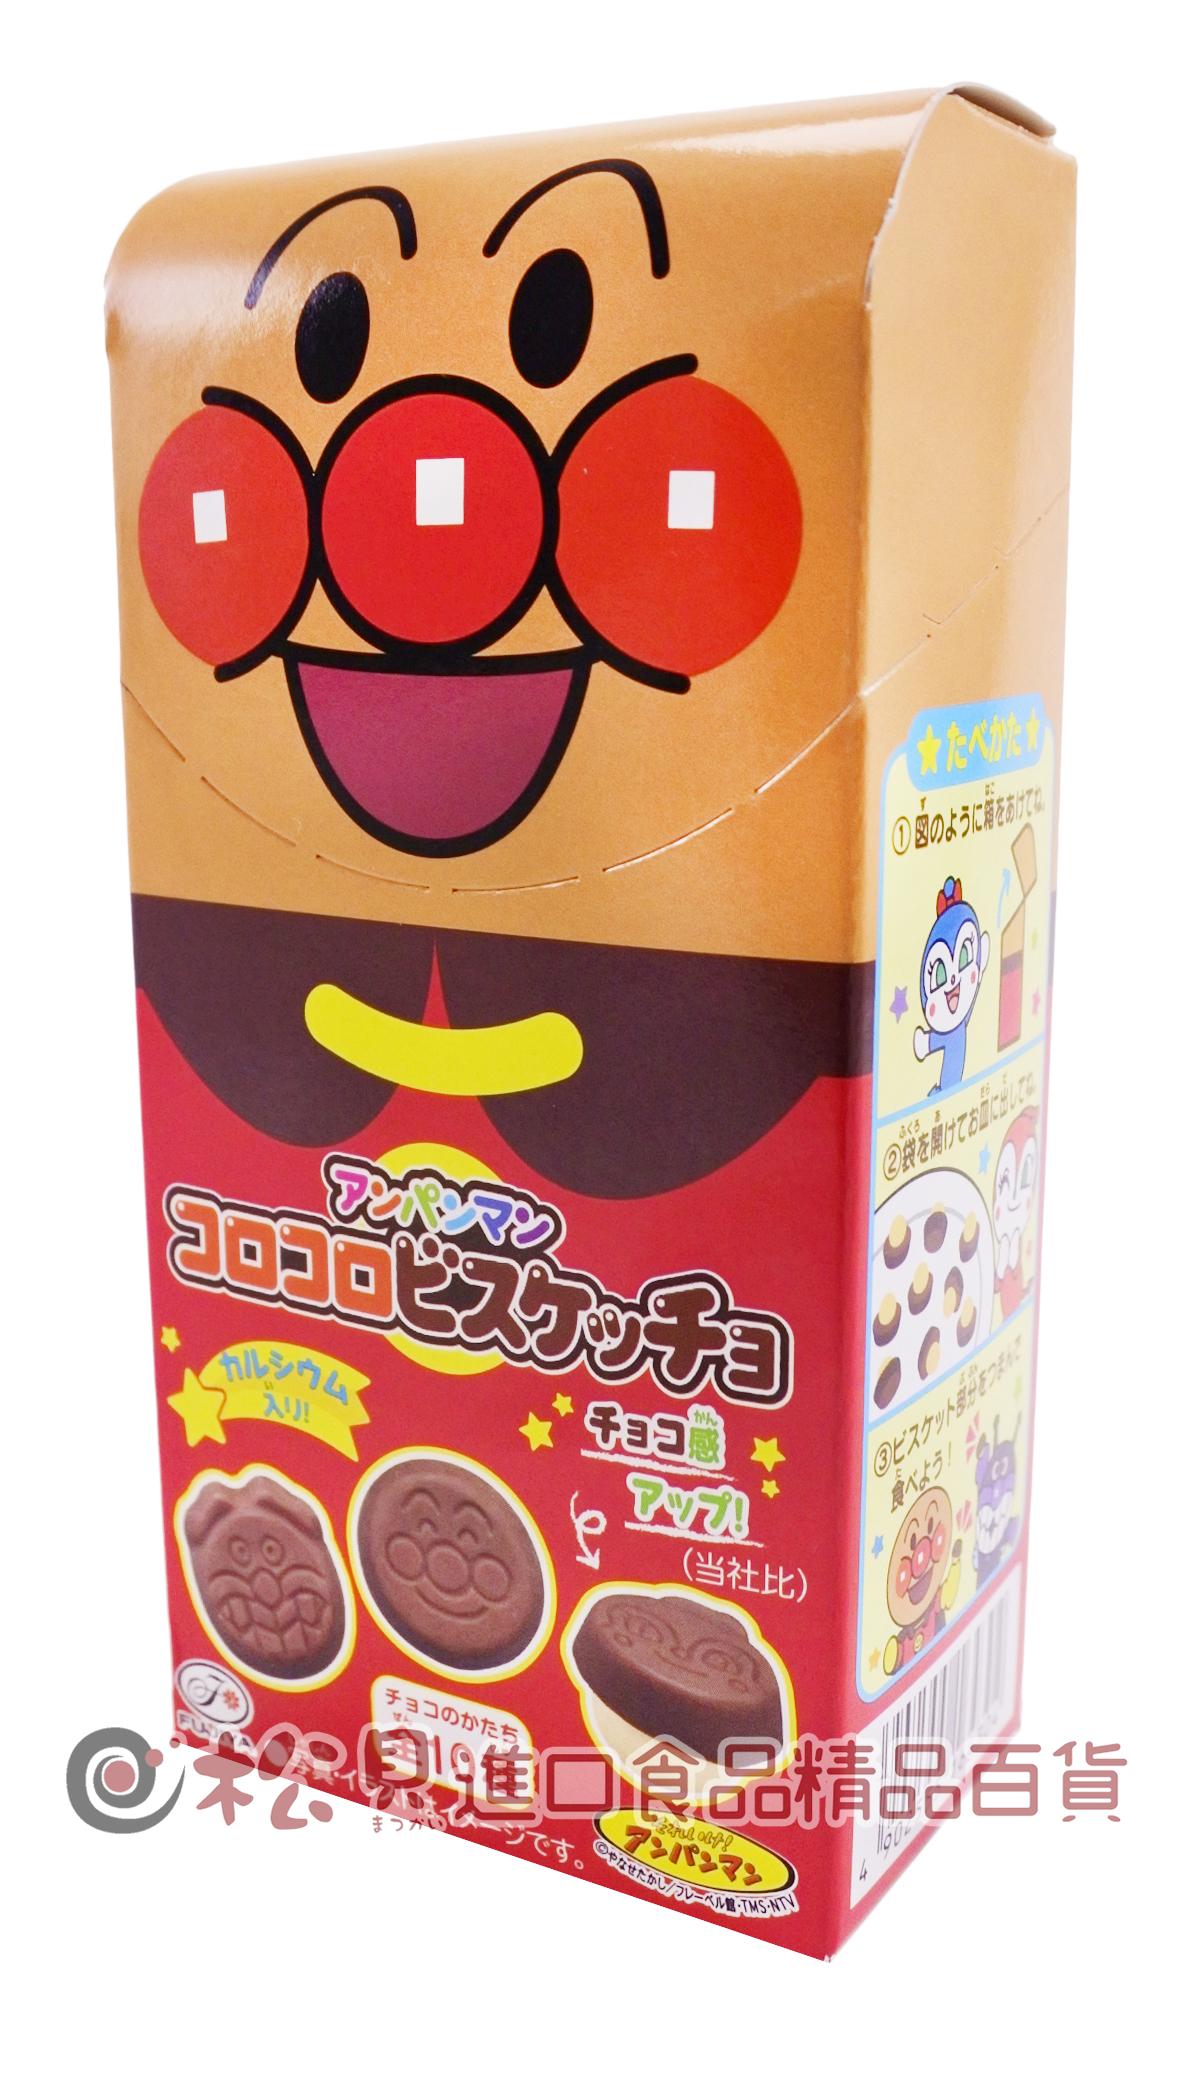 不二家麵包超人圓形餅巧克力34g【4902555164304】.jpg